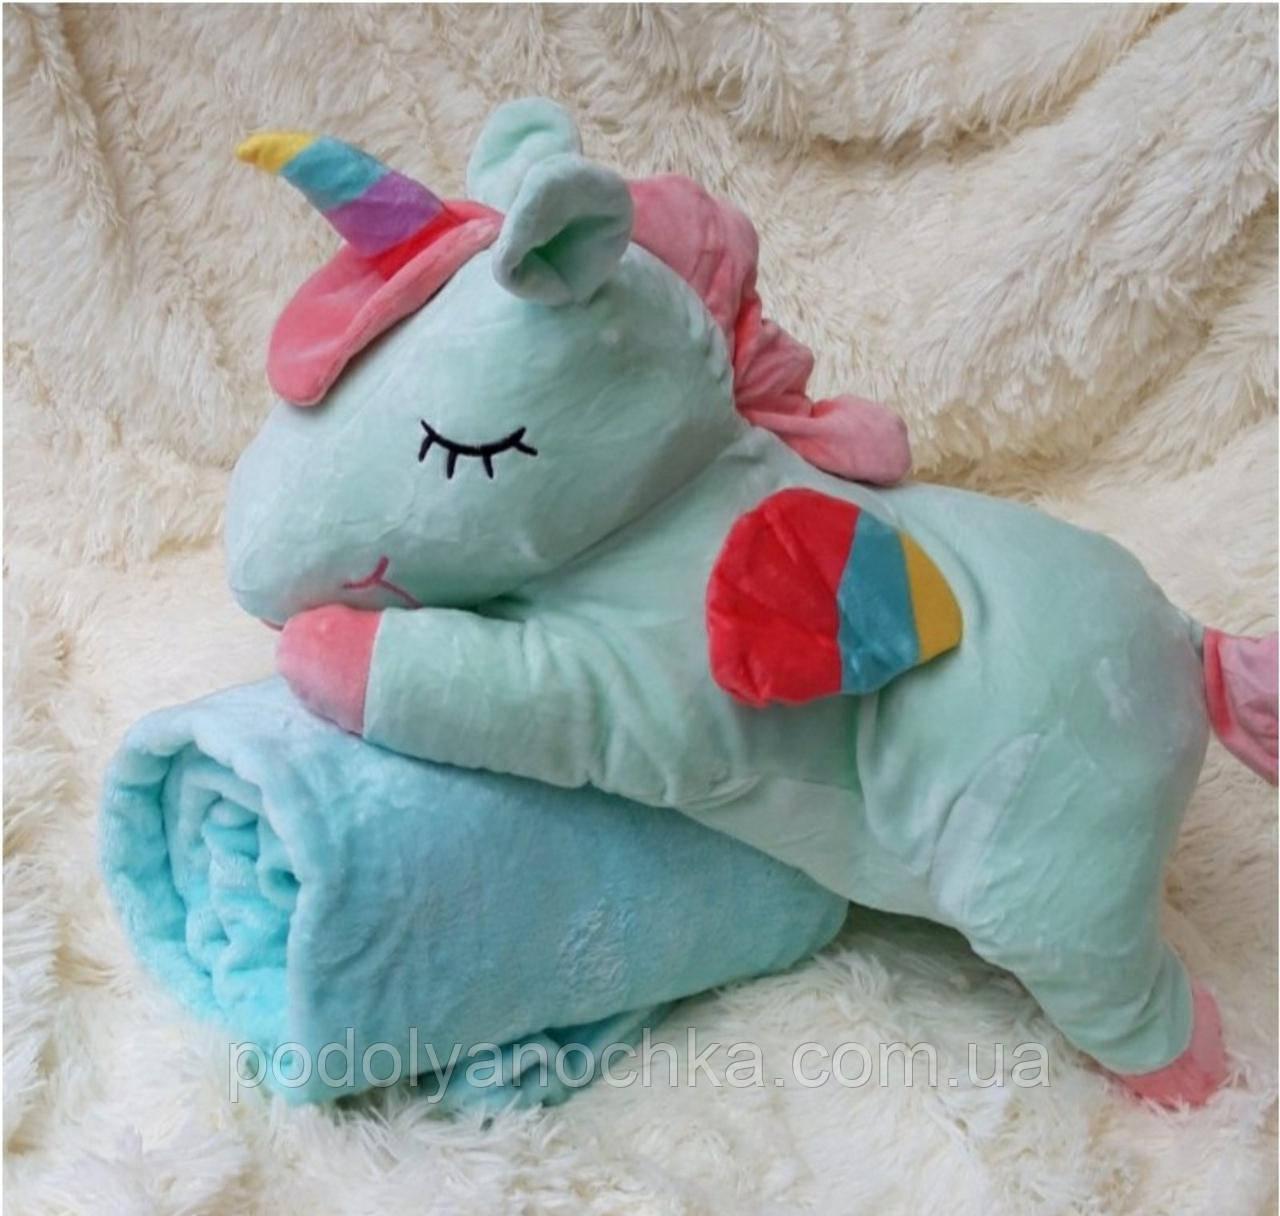 Іграшка-плед-подушка Єдиноріг 🦄 бірюза